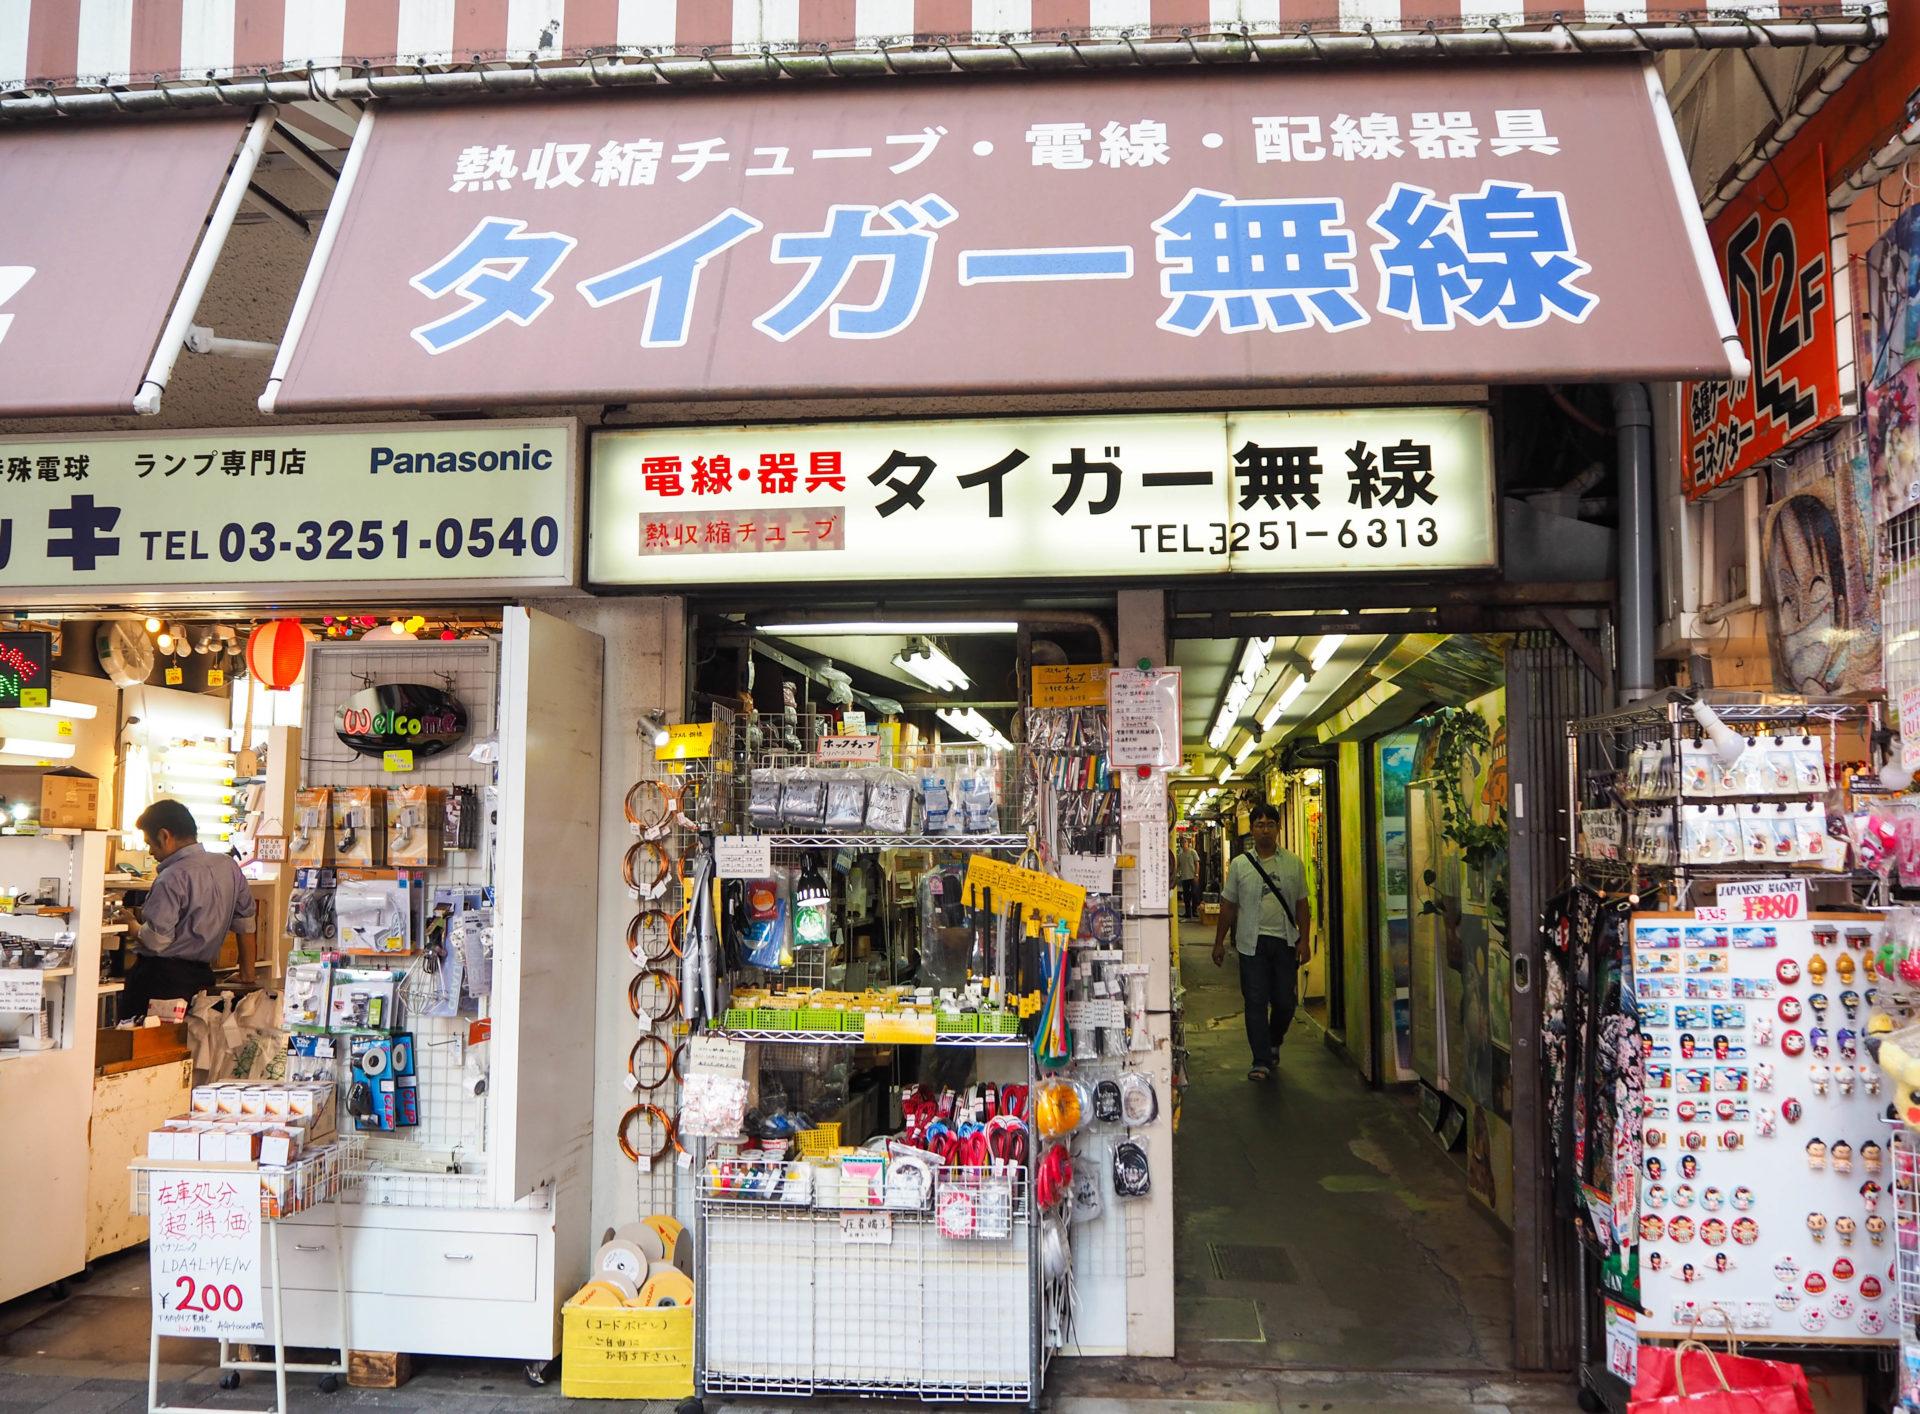 Radio Center à Akihabara à Tokyo - Escale à Tokyo: 24h dans la capitale du Japon - Tokyo en 24h - Récit et itinéraire pour visiter Tokyo en une journée